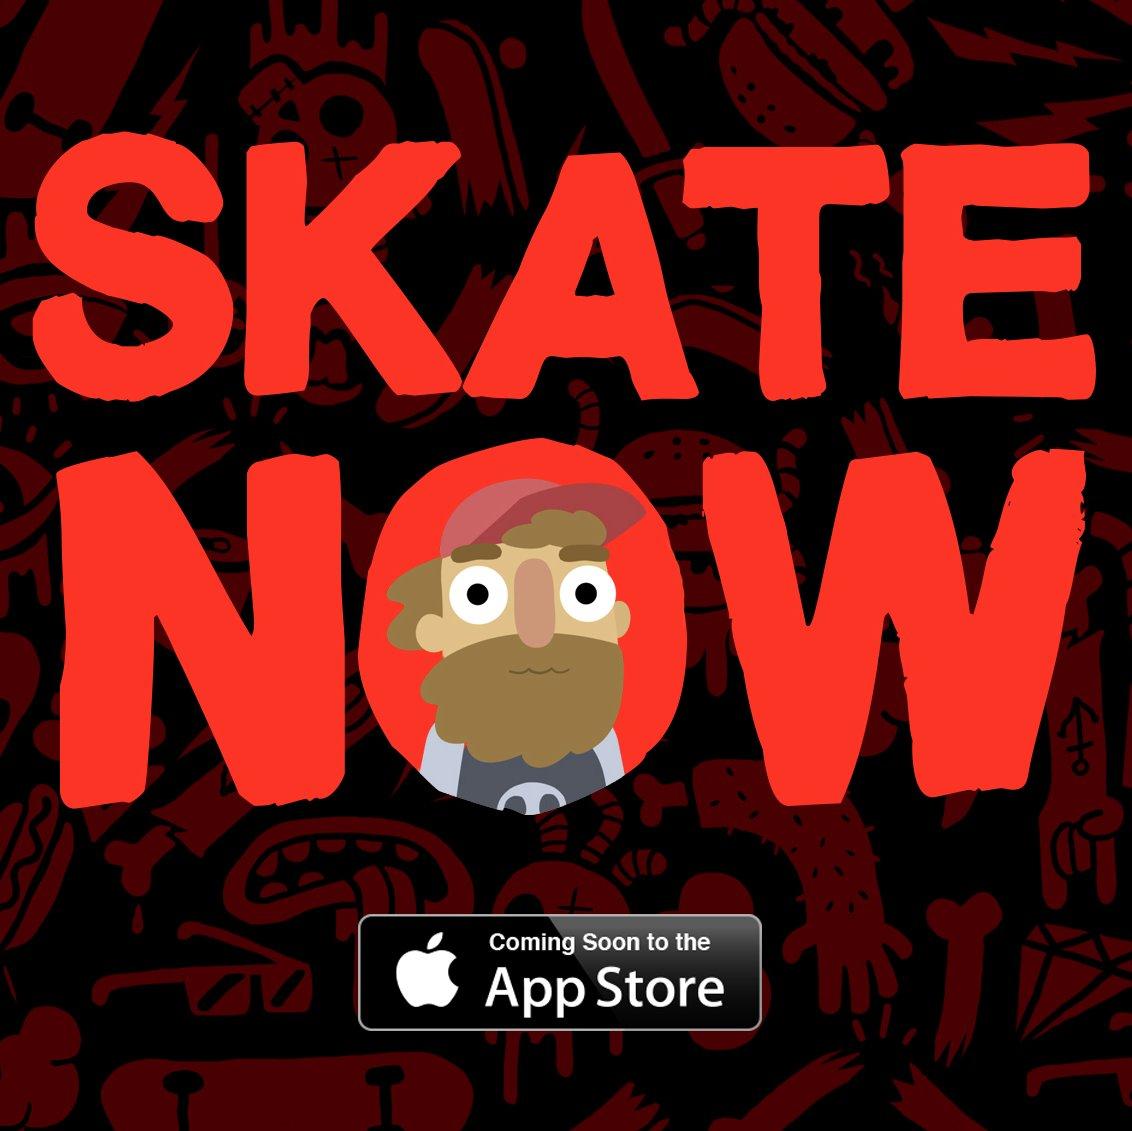 Skate Now on Twitter: